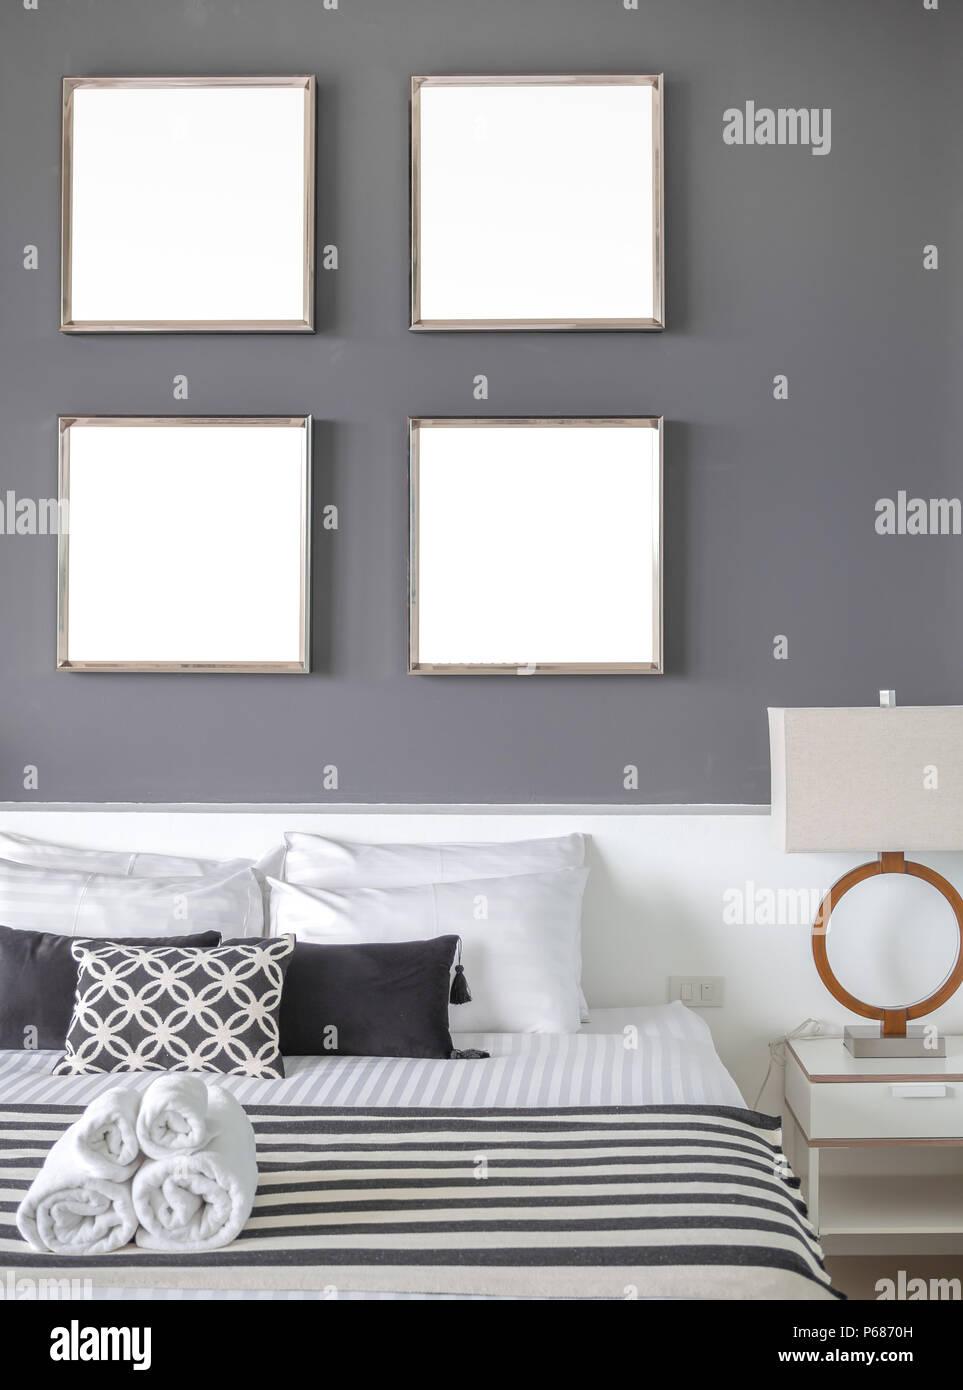 Modernes Schlafzimmer Mit Vier Quadratmeter Leer Edelstahl Rahmen Auf Die  Graue Wand Innenraum, Kopfkissen Und Handtücher Auf Dem Bett Mit Seitlichen  ...